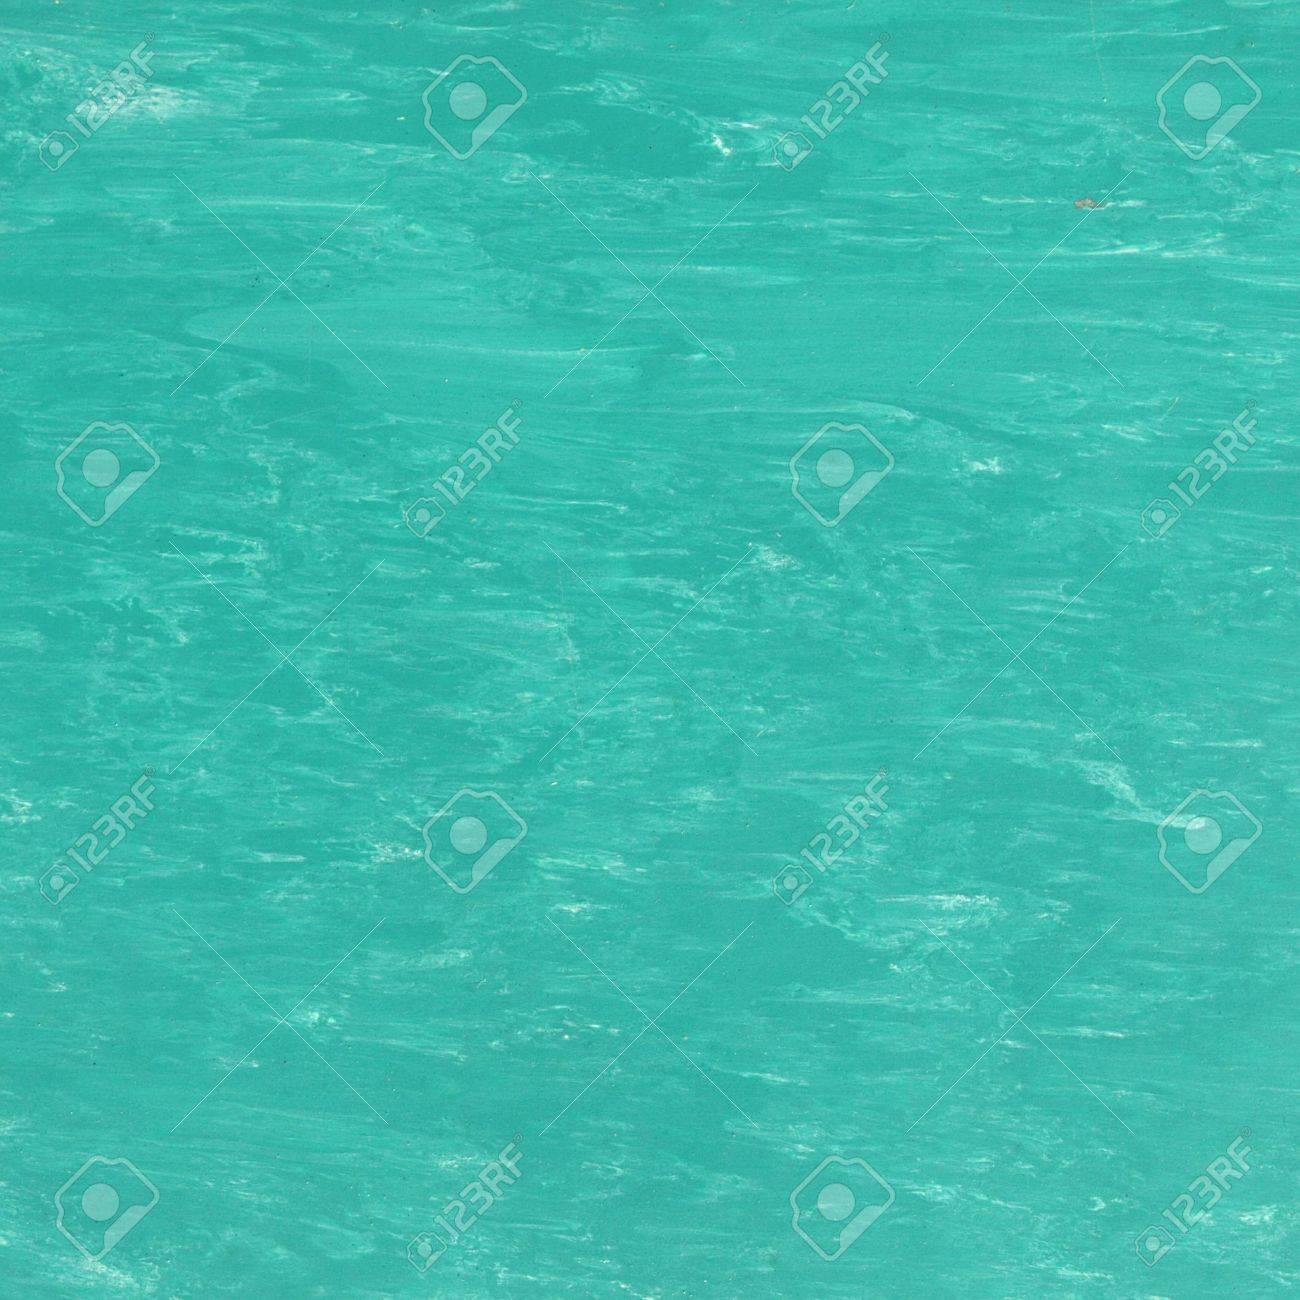 Rubber or linoleum floor tiles background stock photo picture and rubber or linoleum floor tiles background stock photo 3978590 dailygadgetfo Image collections